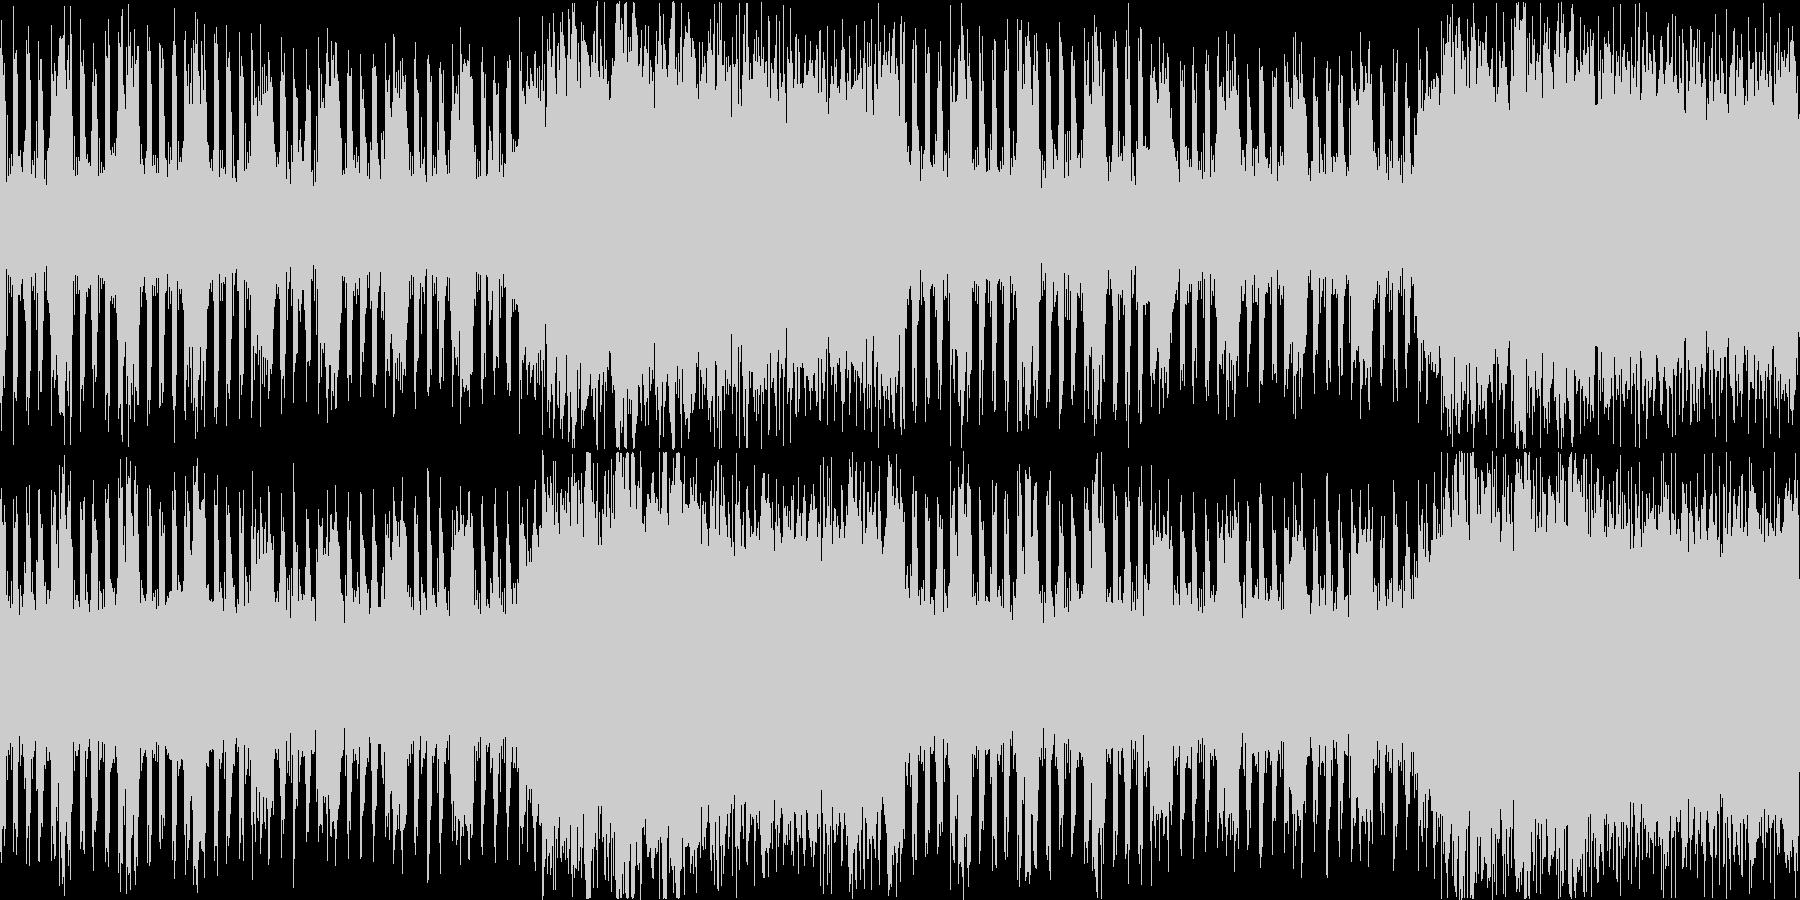 ギターとストリングスの緊迫感あるBGMの未再生の波形